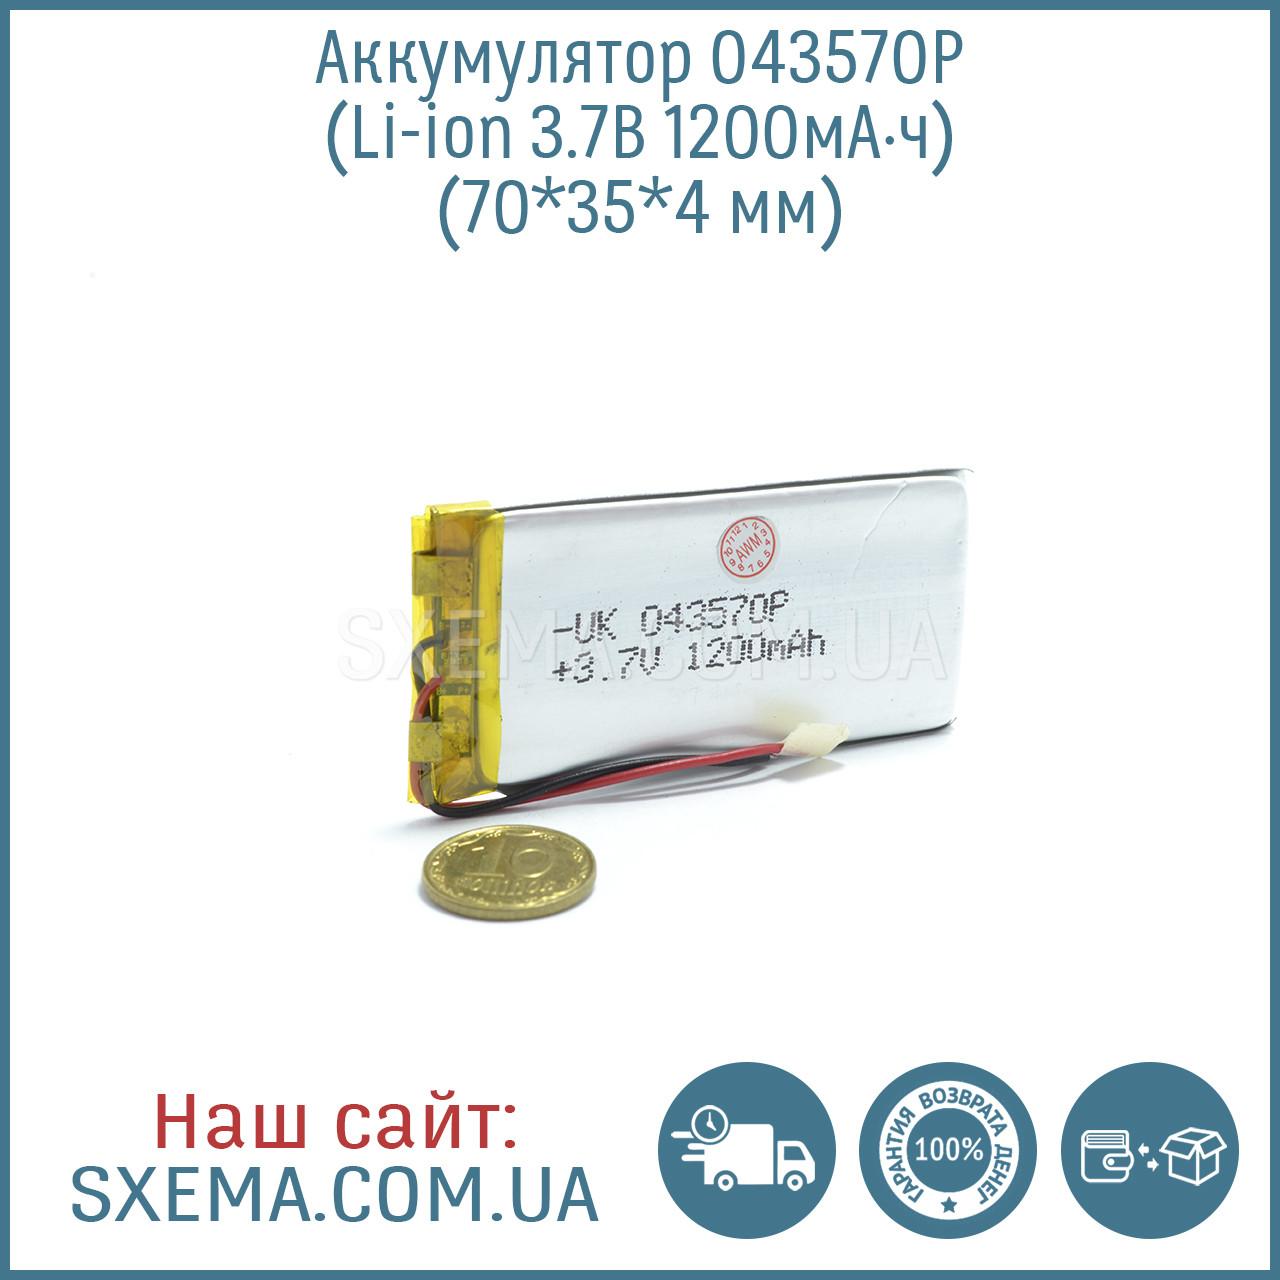 Аккумулятор универсальный 043570 (Li-ion 3.7В 1200мА·ч), (70*35*4 мм)